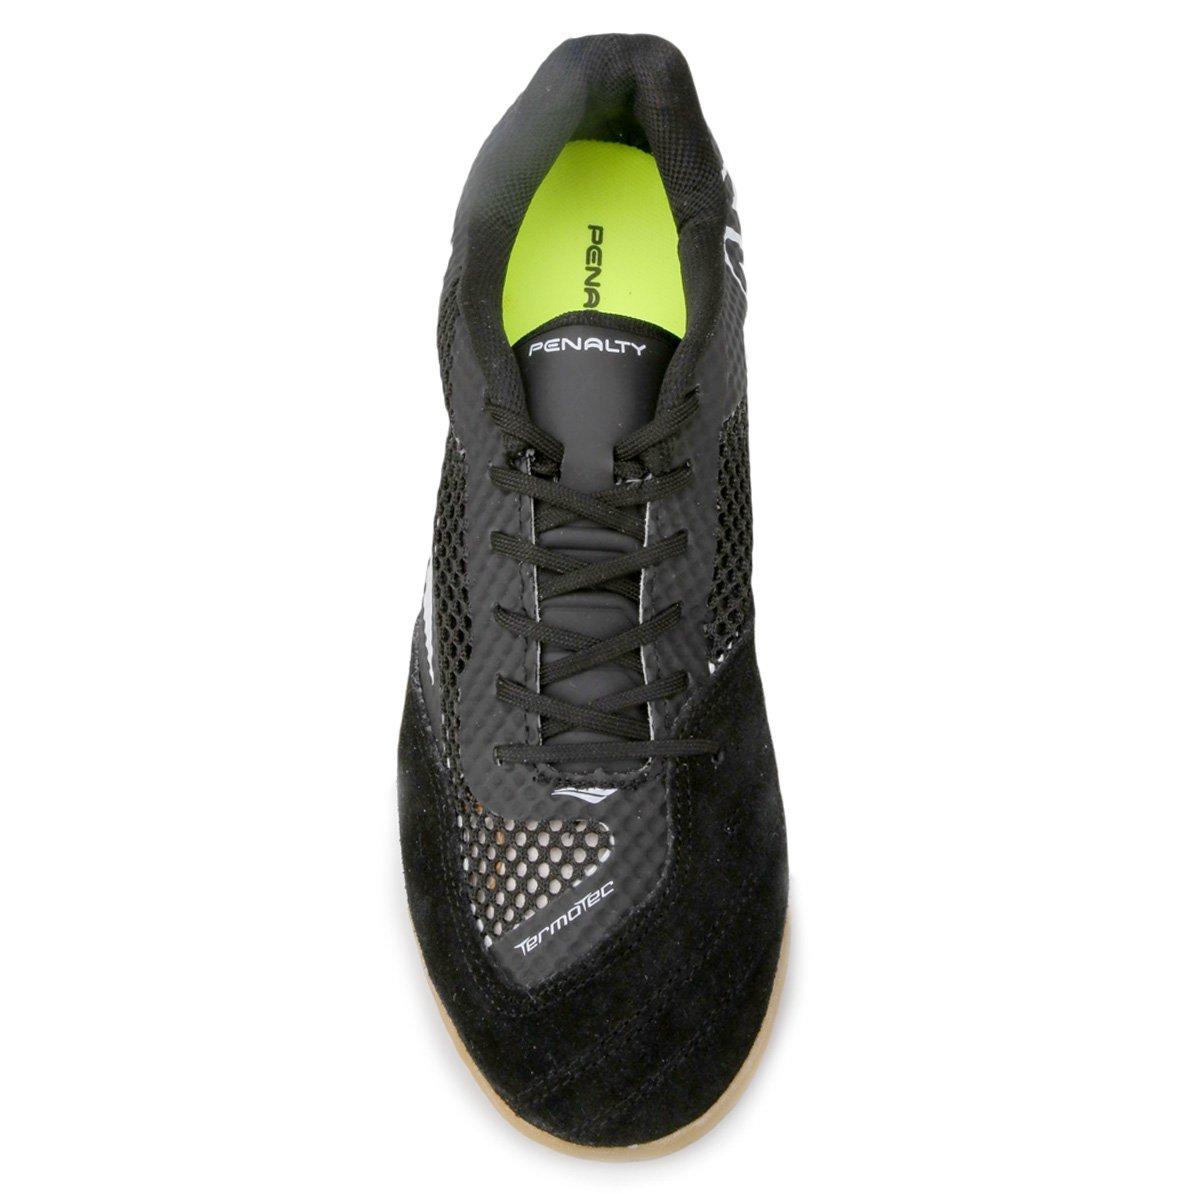 28dcbcd909 Chuteira Futsal Penalty Max 500 7 Masculina - Compre Agora